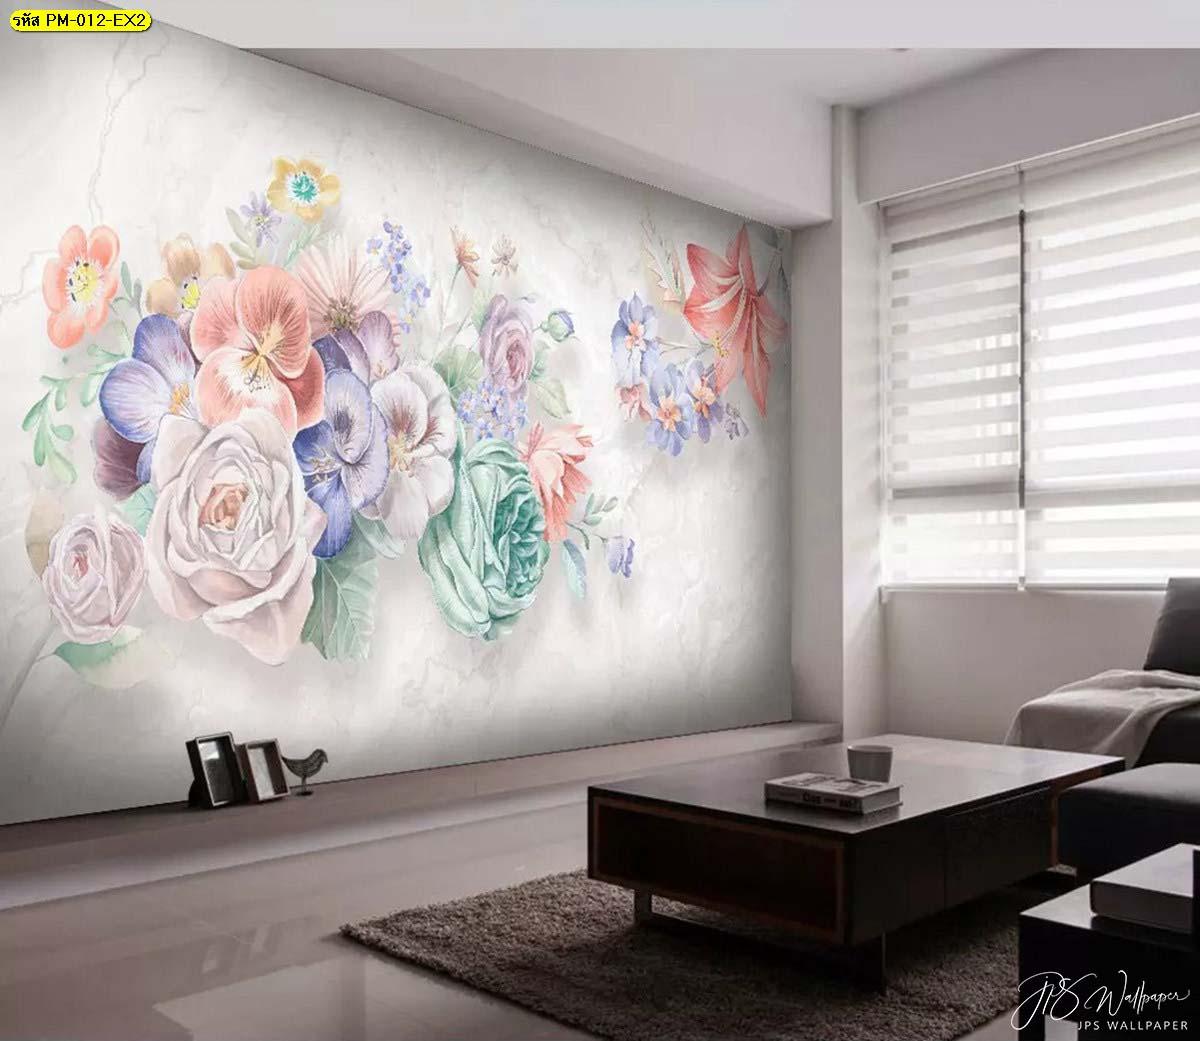 วอลเปเปอร์ลายดอกไม้สีพาสเทล ห้องรับแขกเรียบๆ ตกแต่งภาพพิมพ์ลายดอกไม้